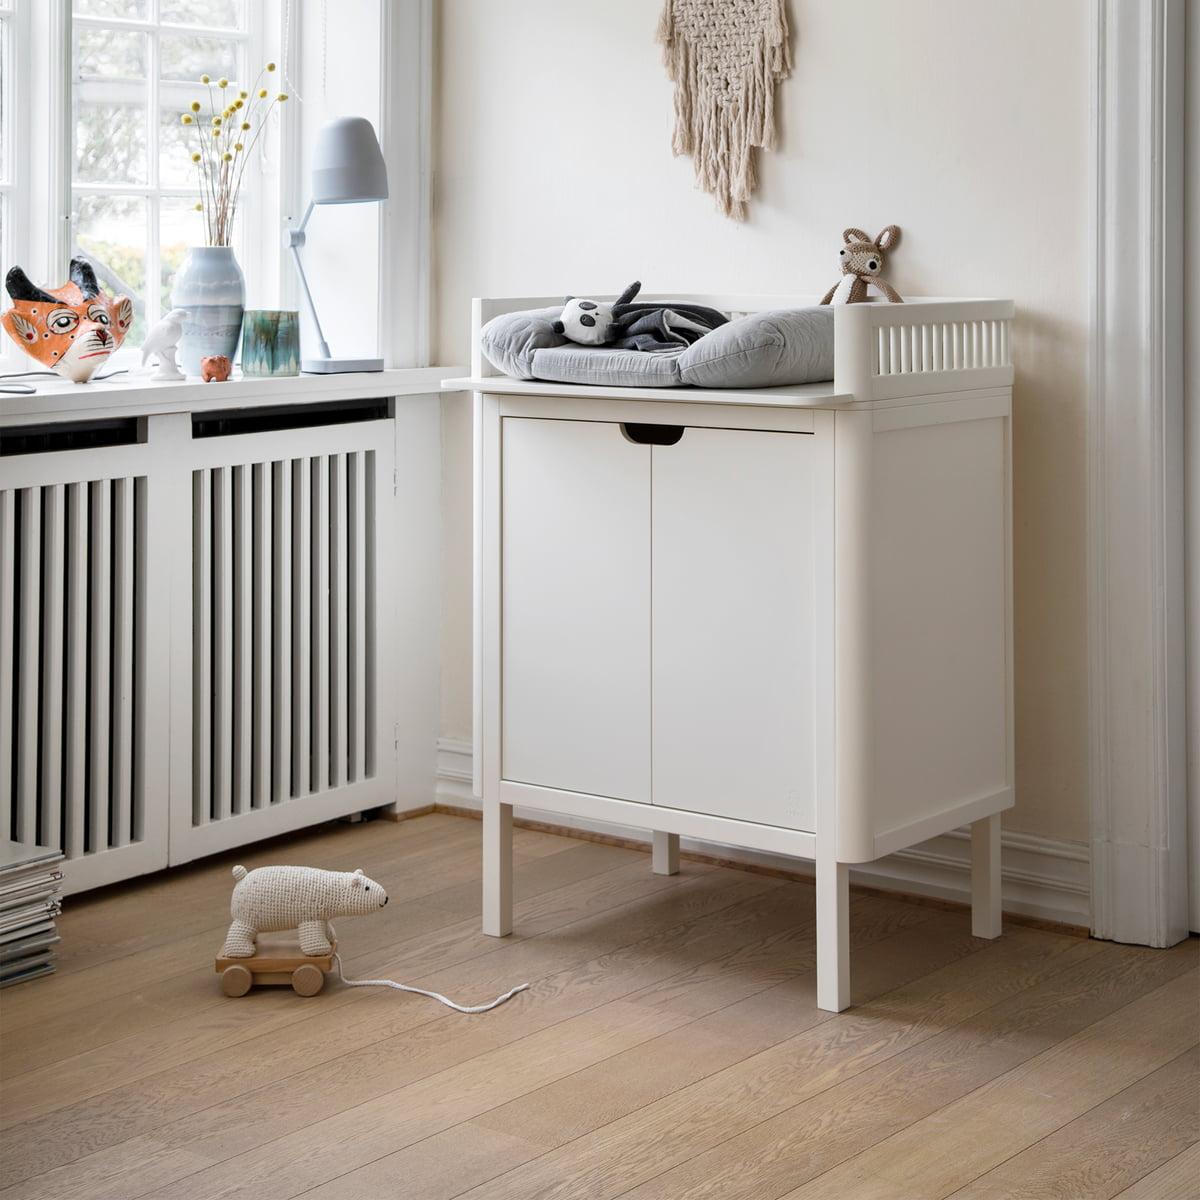 Sebra - Wickelkommode mit Türen, classic white